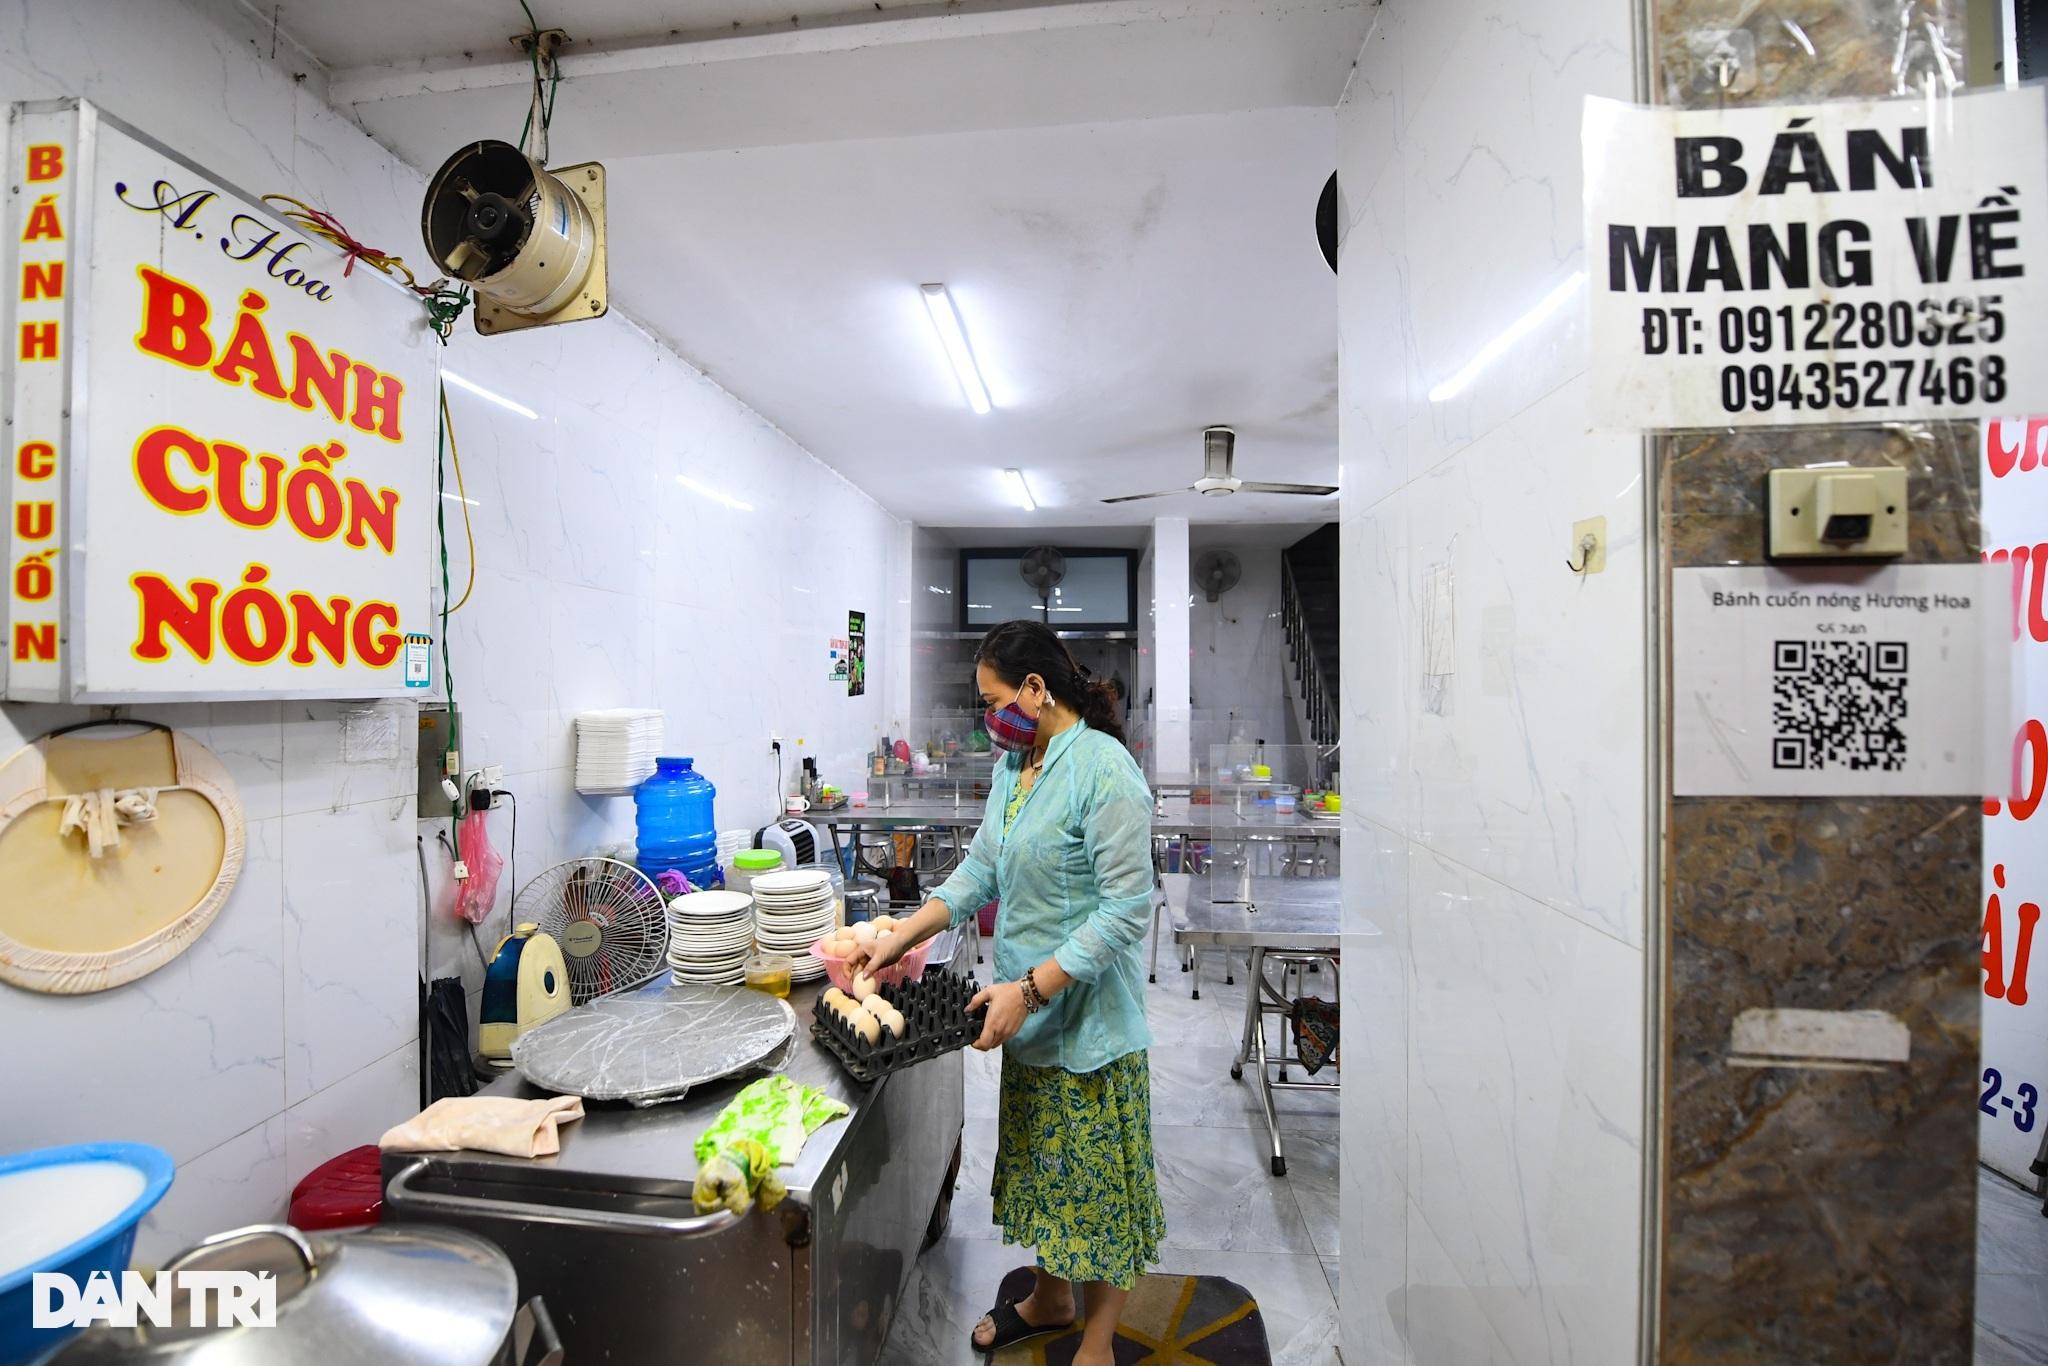 Hàng ăn, quán cafe tấp nập trong ngày đầu phục vụ khách tại chỗ - 10